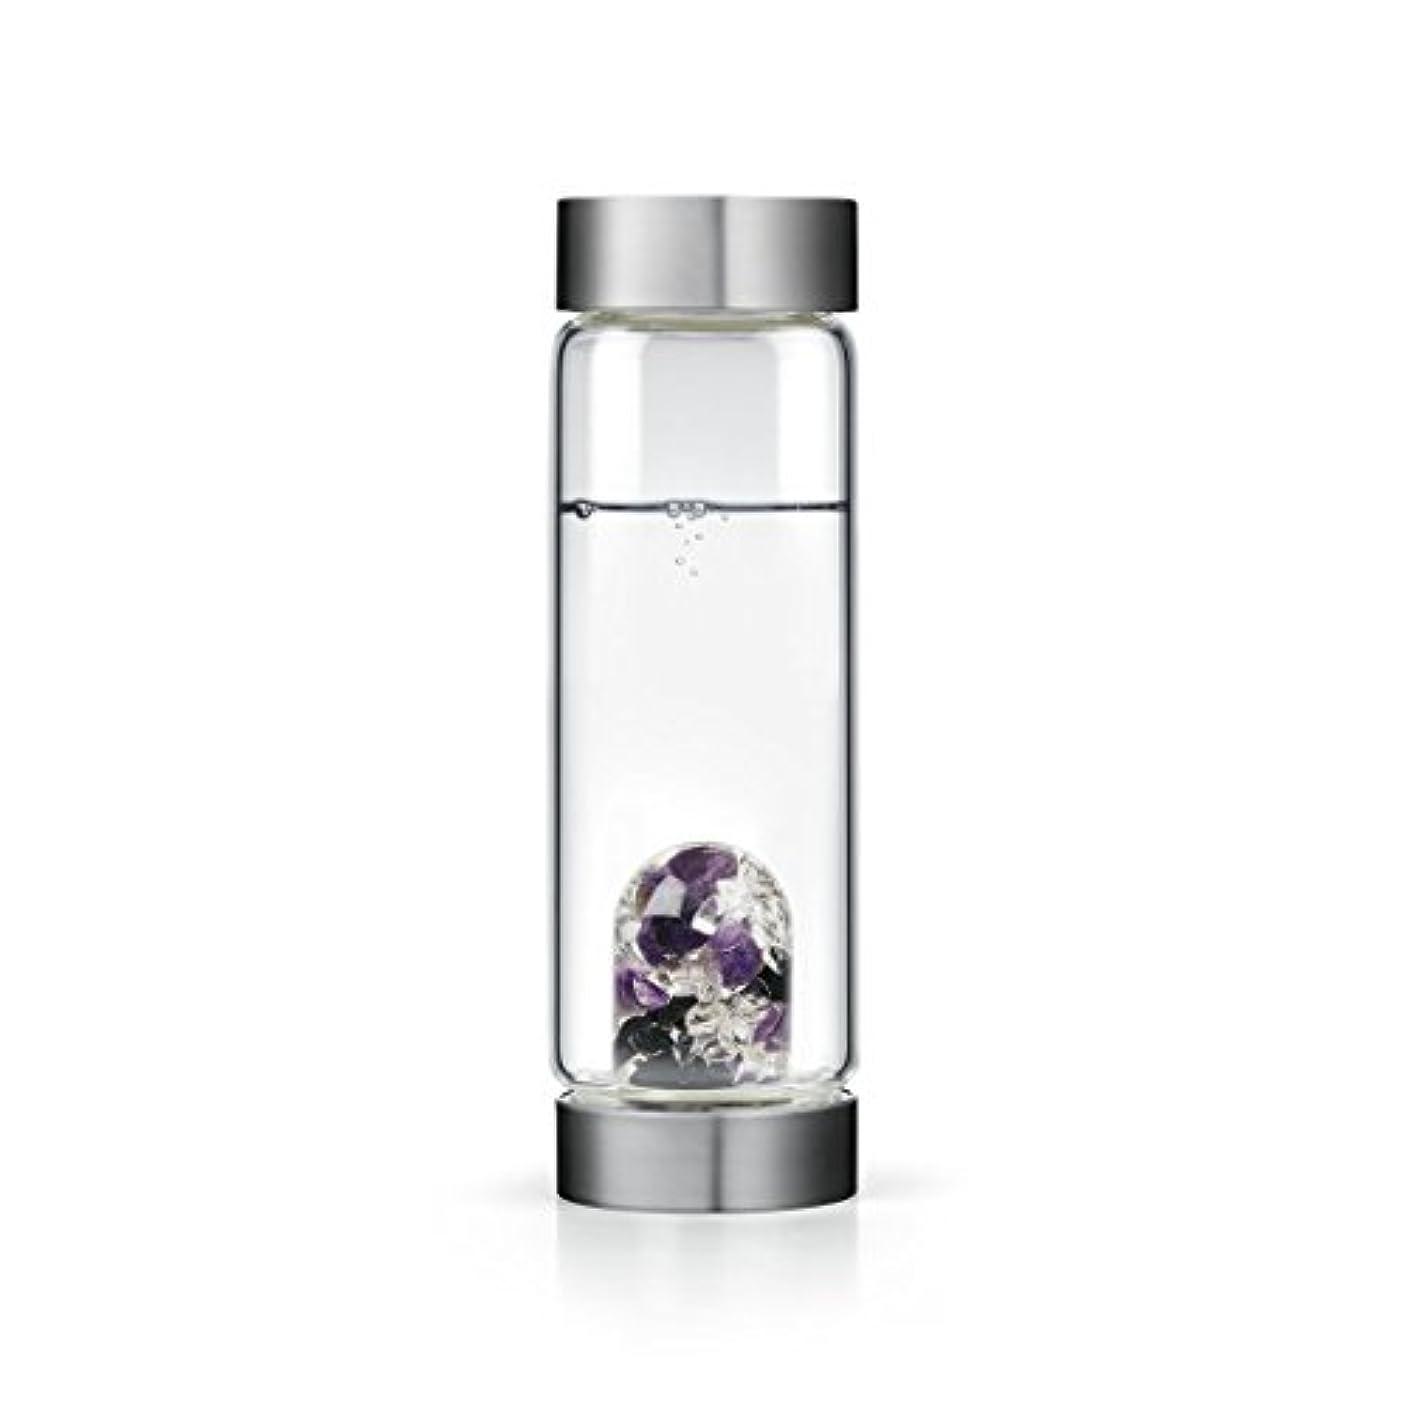 誤解を招く窓広くGuardian gem-waterボトルby VitaJuwel W / Freeカリフォルニアホワイトセージバンドル 16.9 fl oz